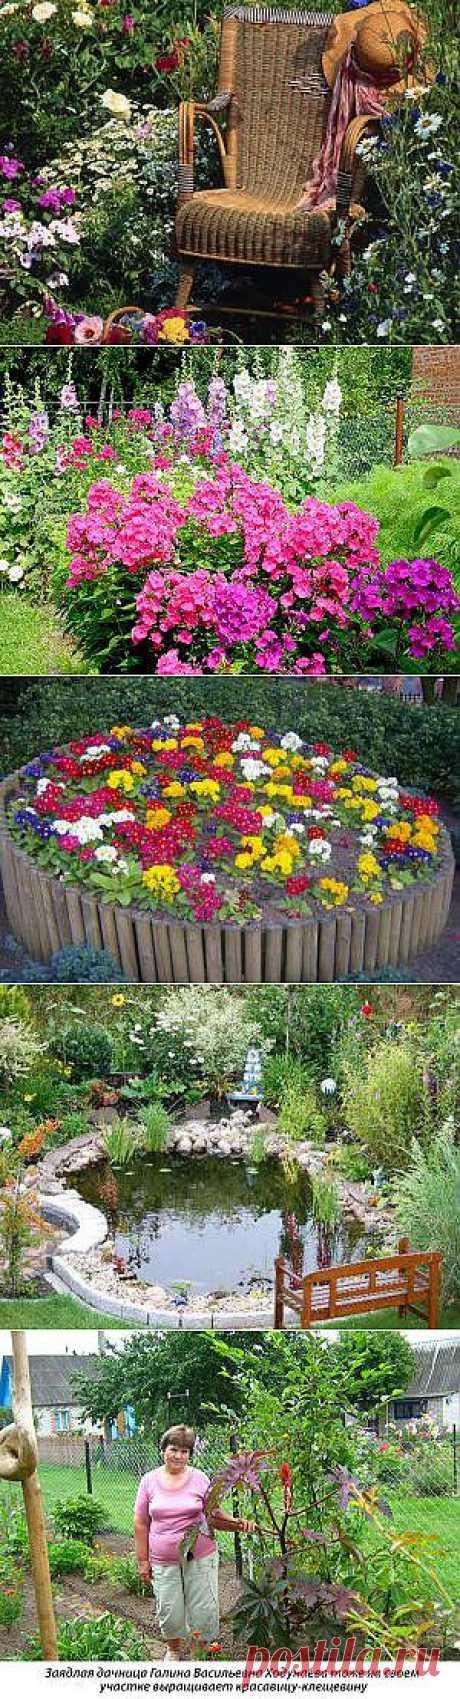 Выпуск №62 - Ландшафтный дизайн своими руками - идеи для дизайна сада